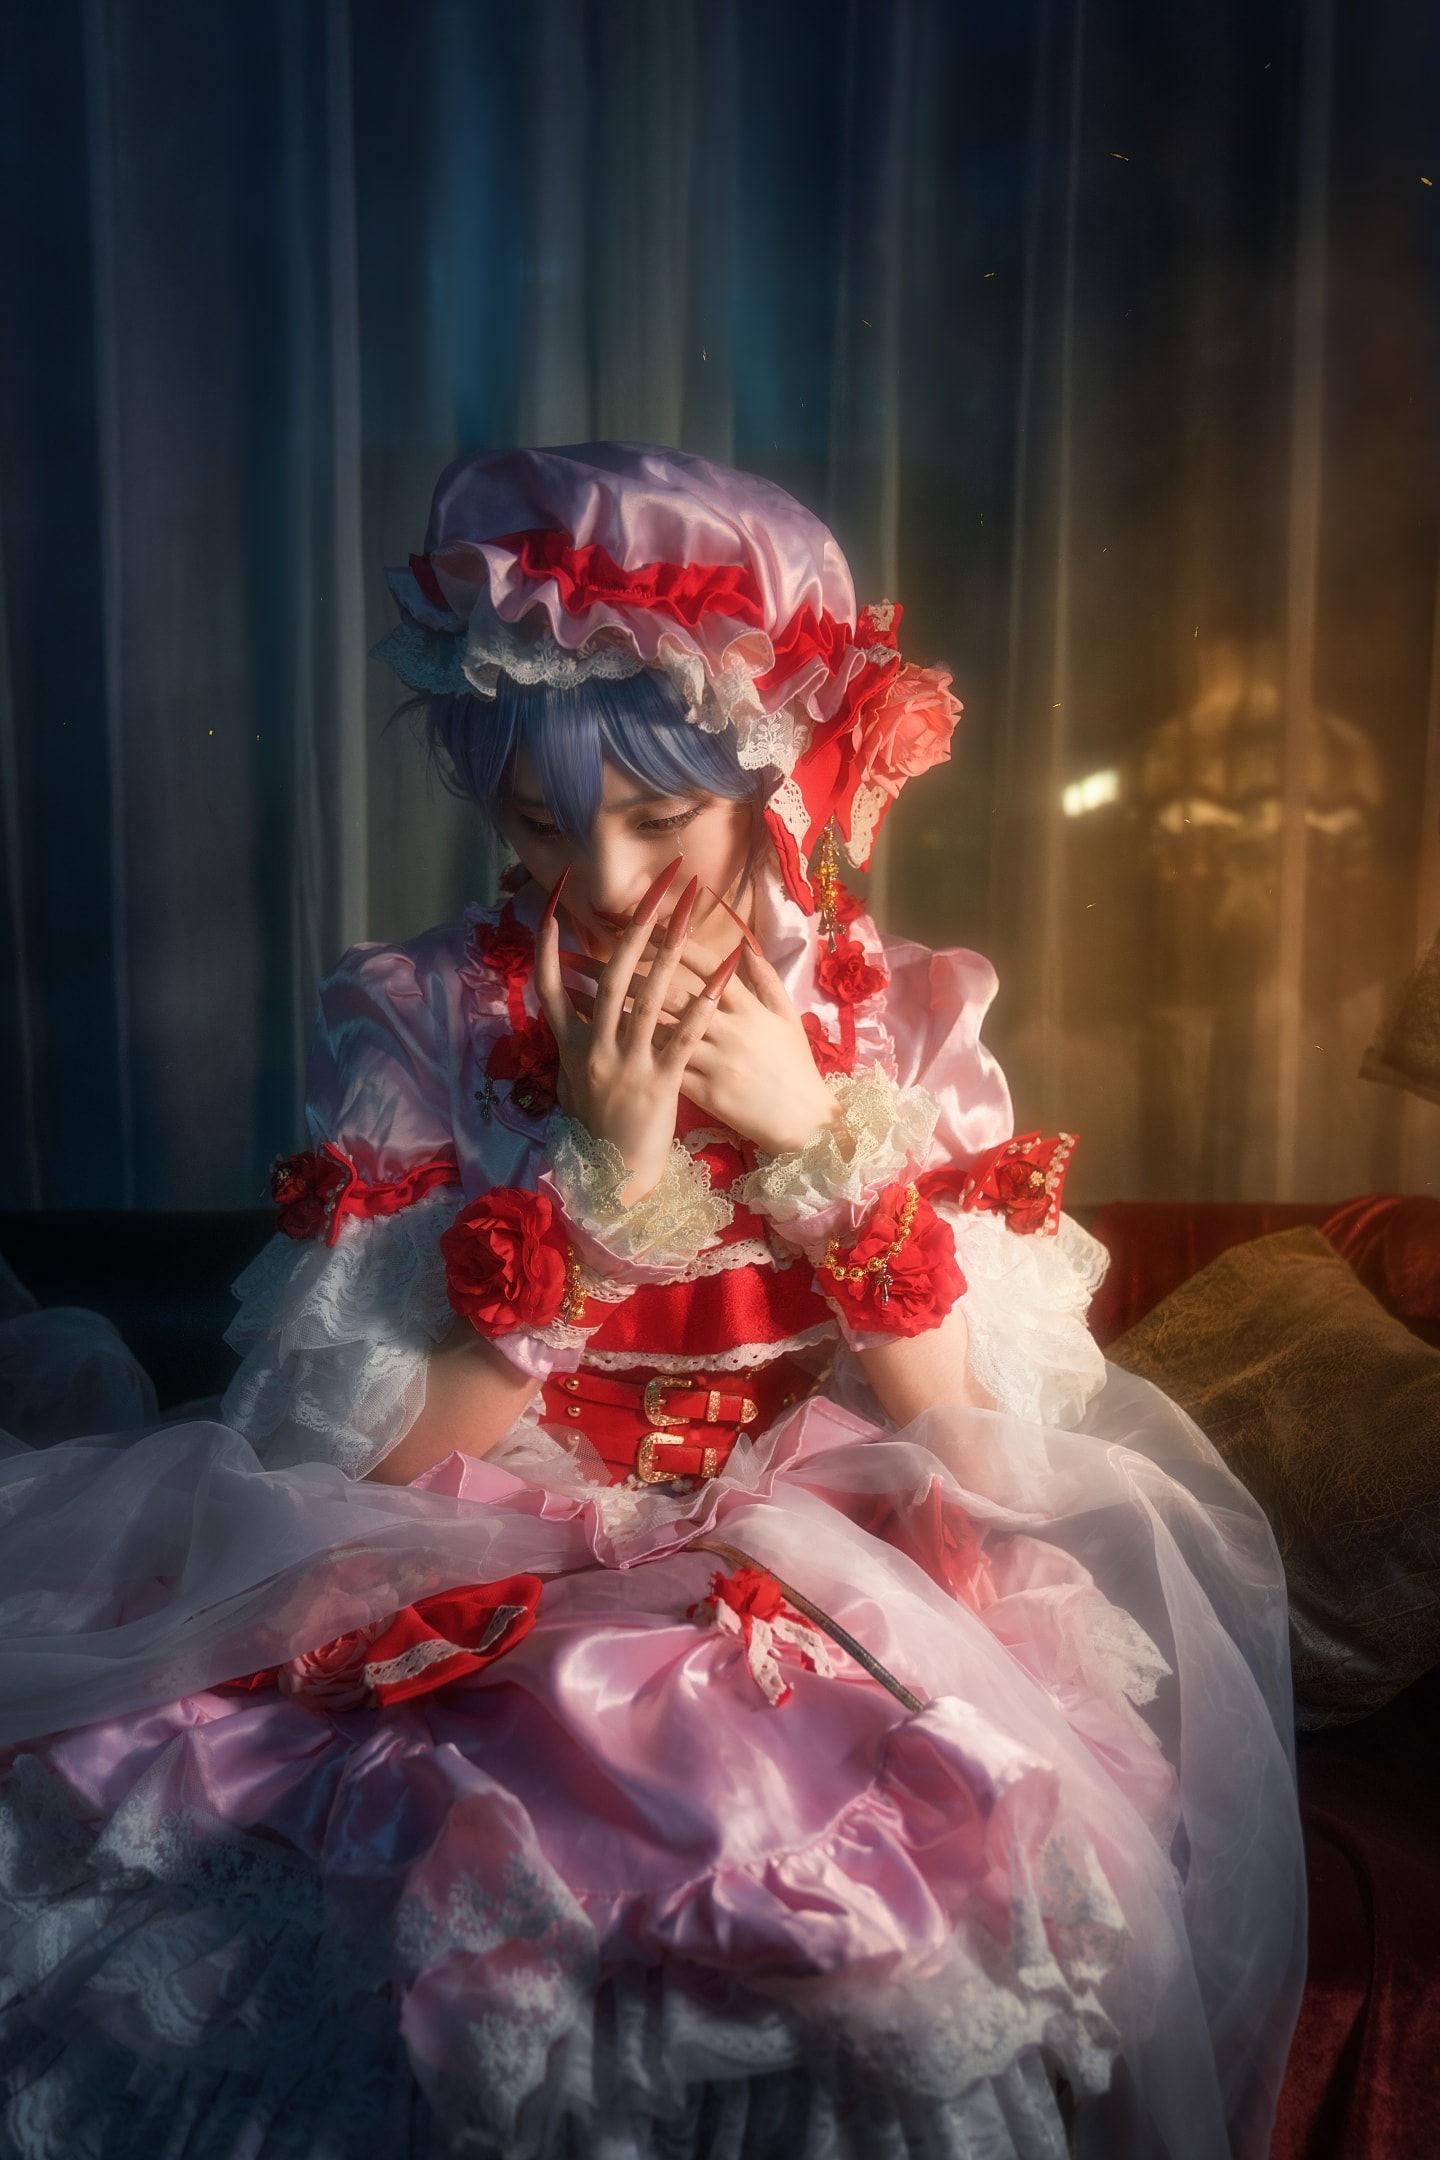 东方project红魔组蕾米莉亚 十六夜咲夜 cosplay插图(3)